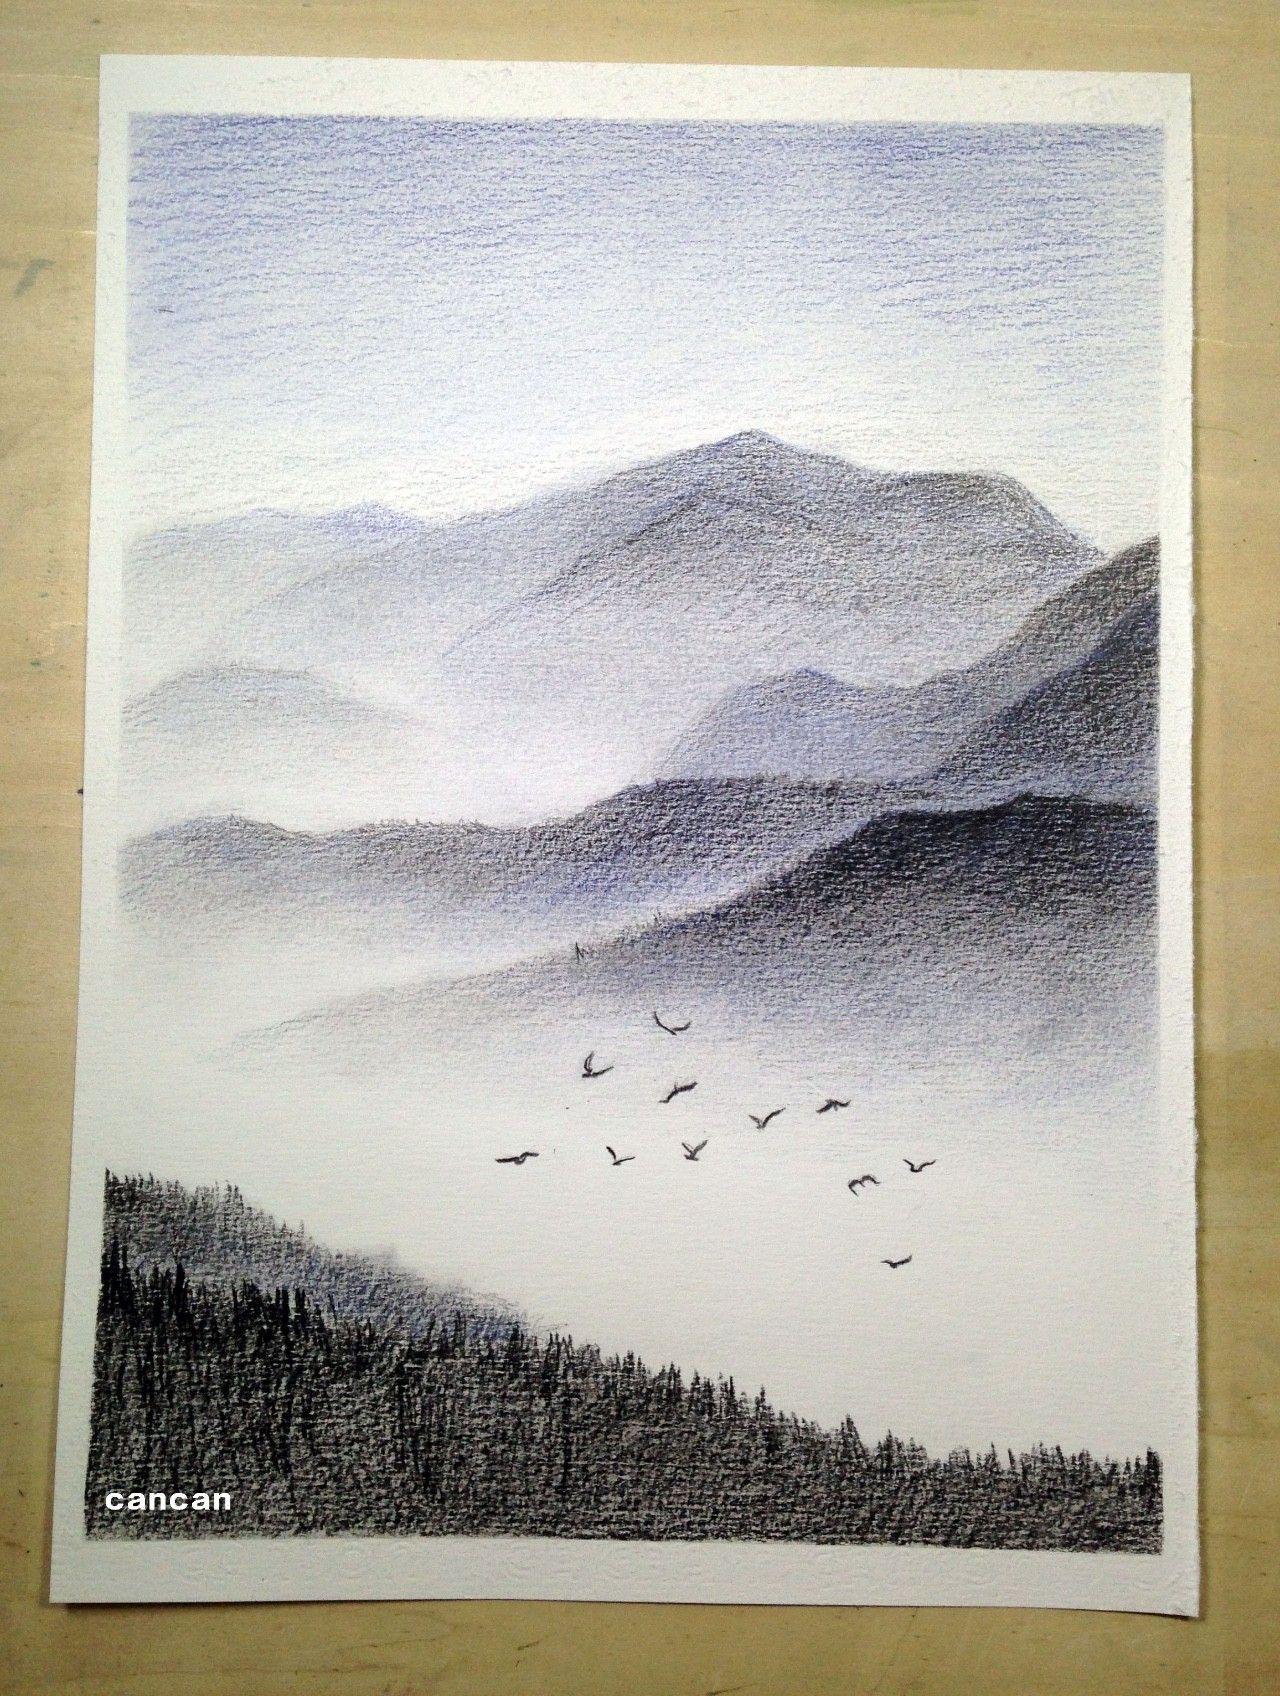 手绘板图片风景